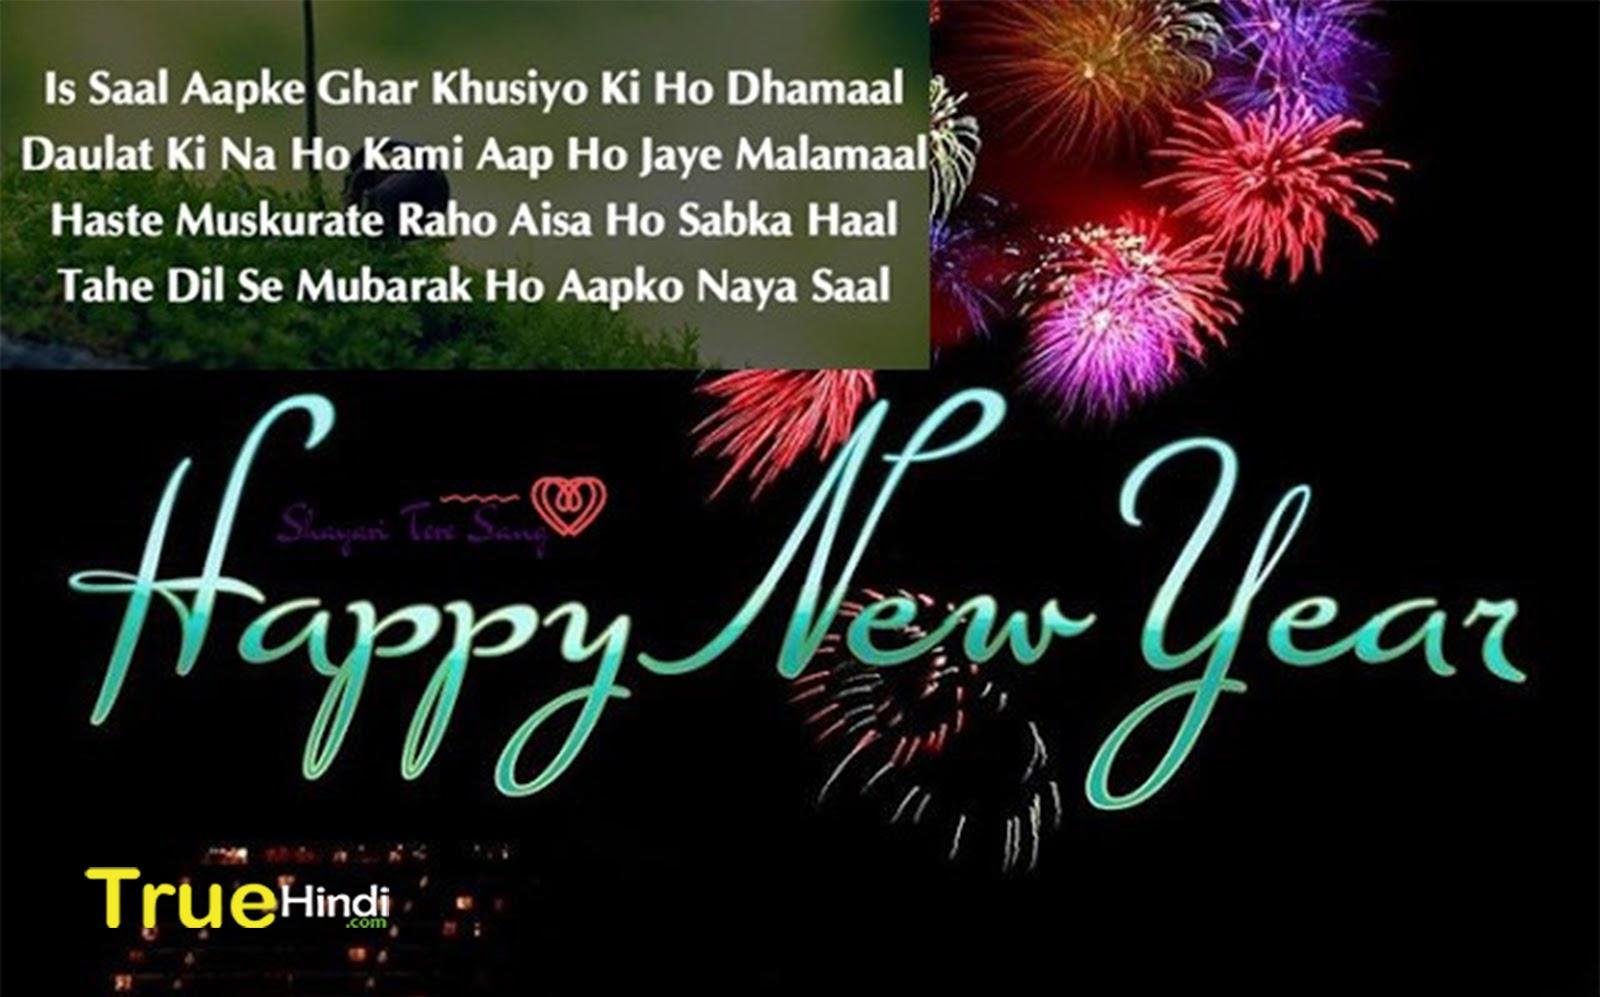 Naya Saal Aane Ki Khushiyaan To Sb Manaate Hain - Happy New Year 2019 , HD Wallpaper & Backgrounds